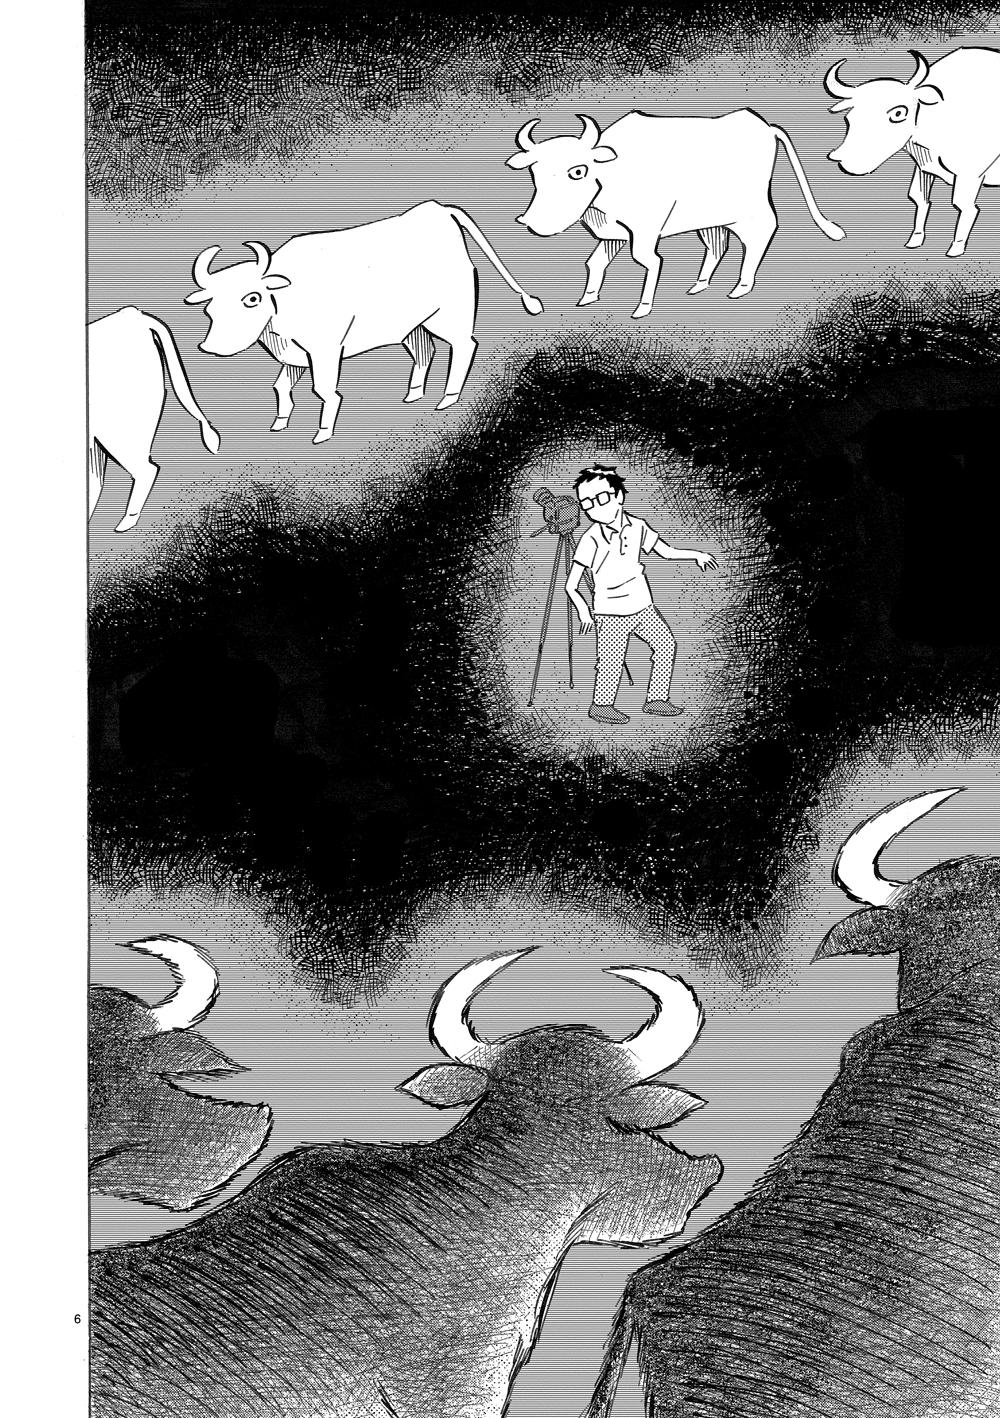 琉球怪談 【第7話】WEB掲載6ページ目画像